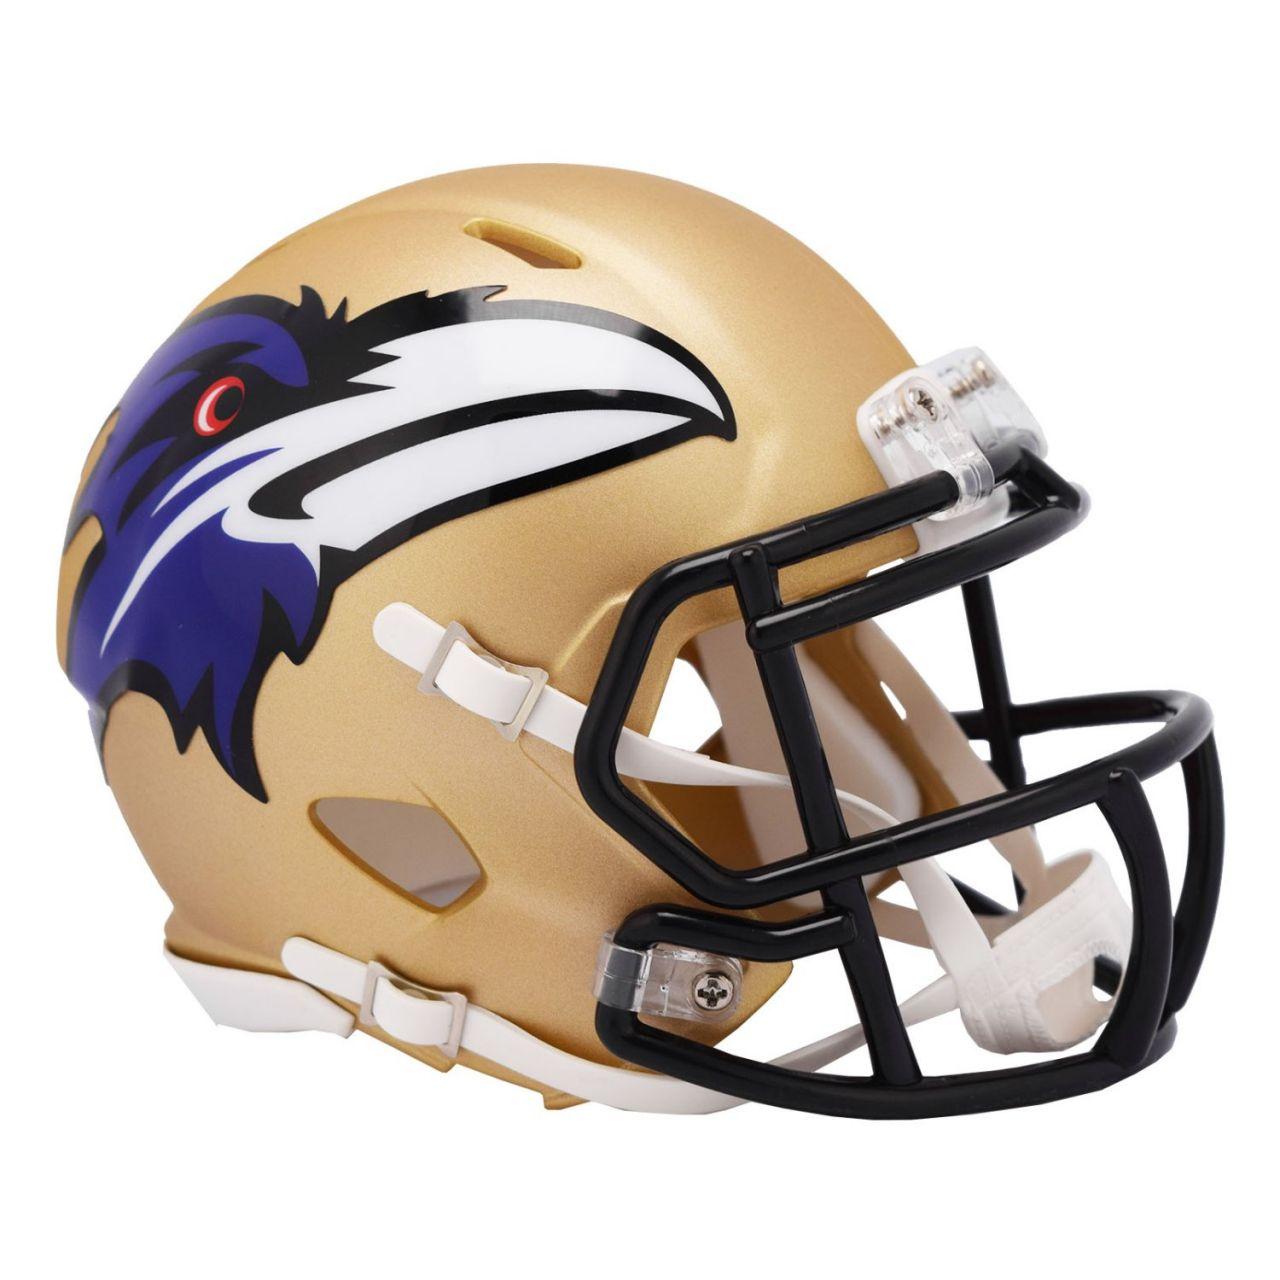 amfoo - Riddell Speed Mini Football Helm - NFL AMP Baltimore Ravens